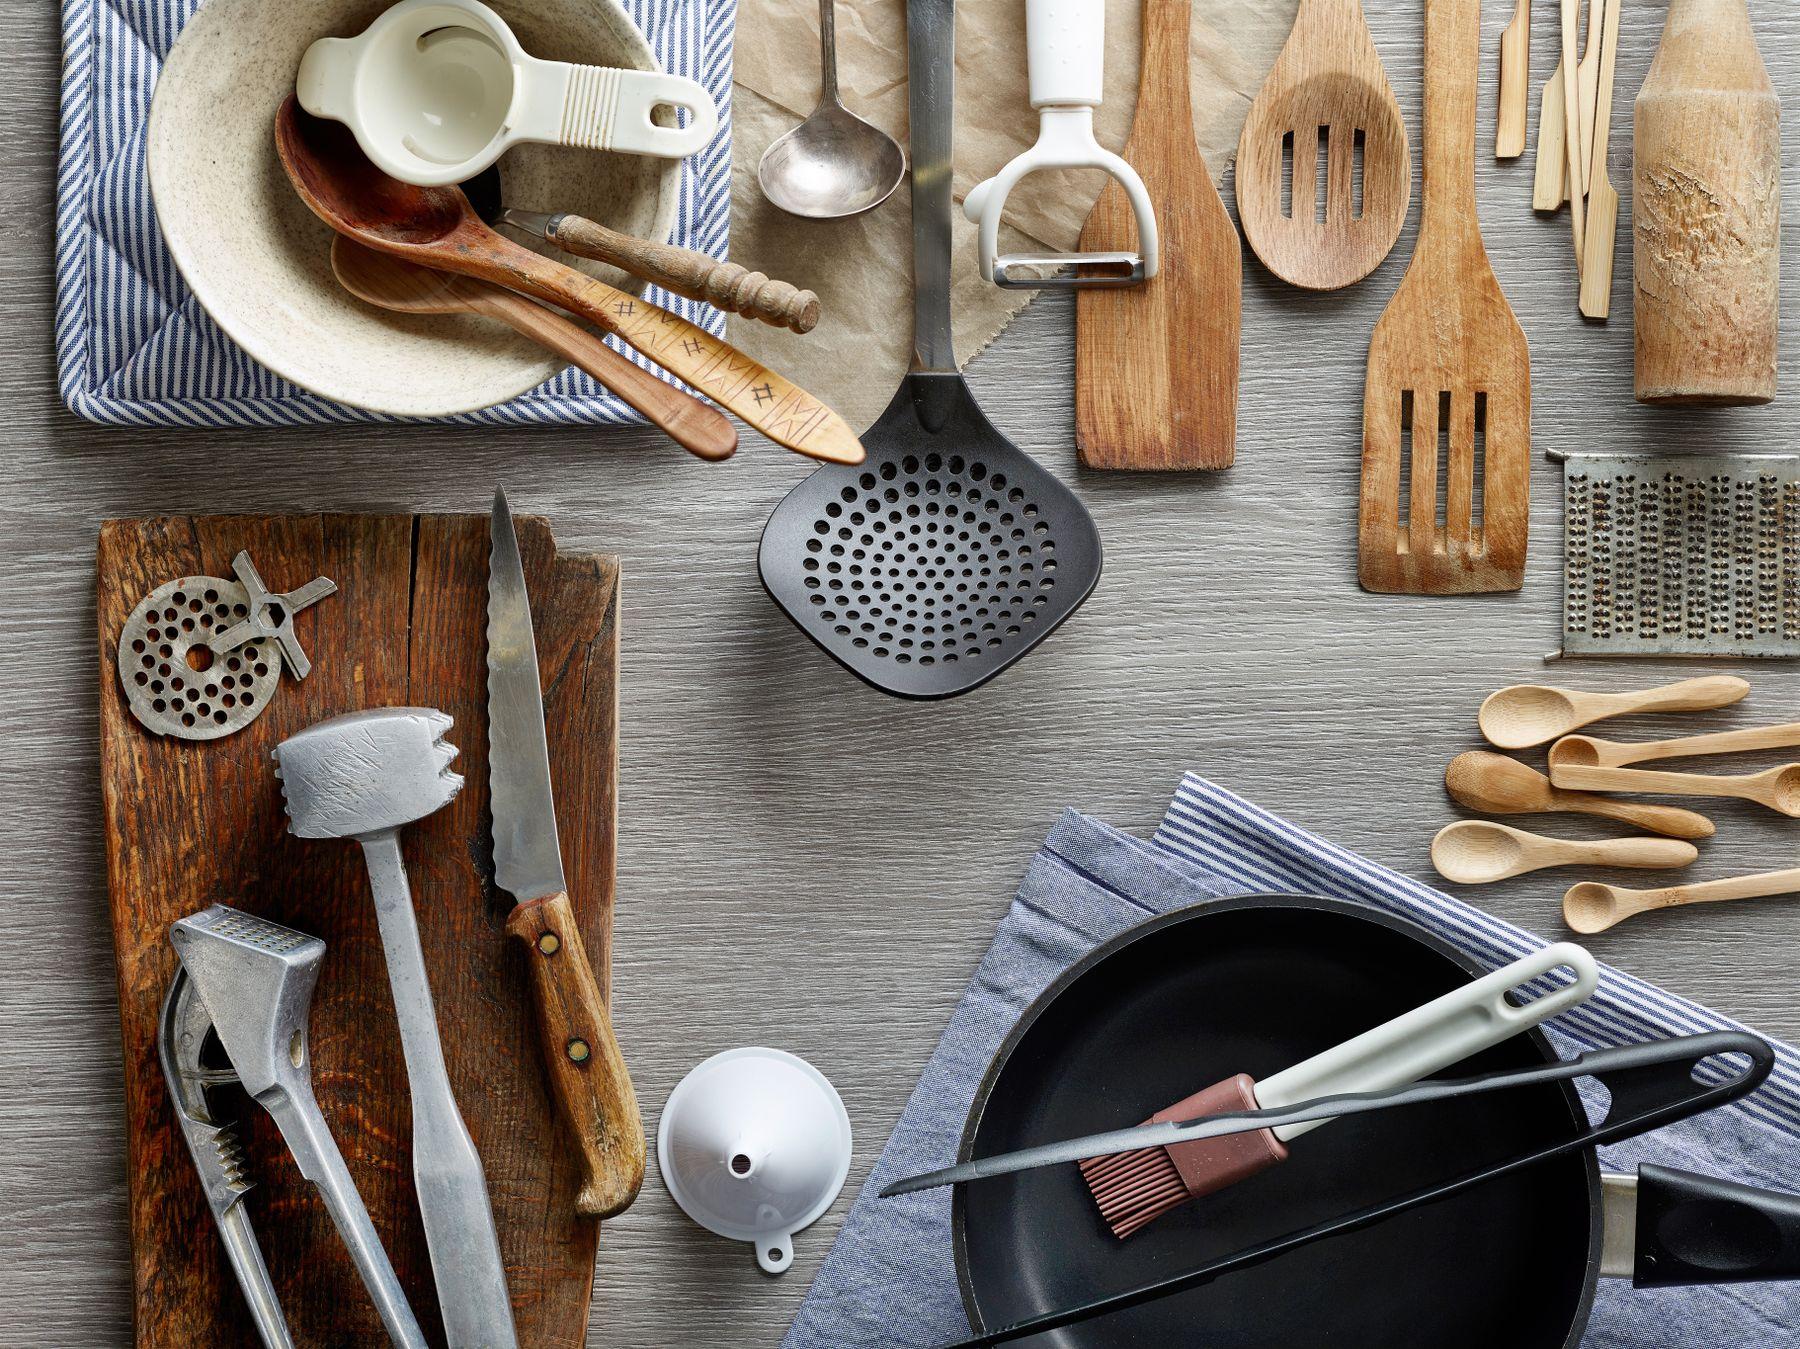 các vật dụng trong nhà bếp cần thay mới muỗng đũa định kì 6 tháng/ lần để bảo vệ sức khỏe